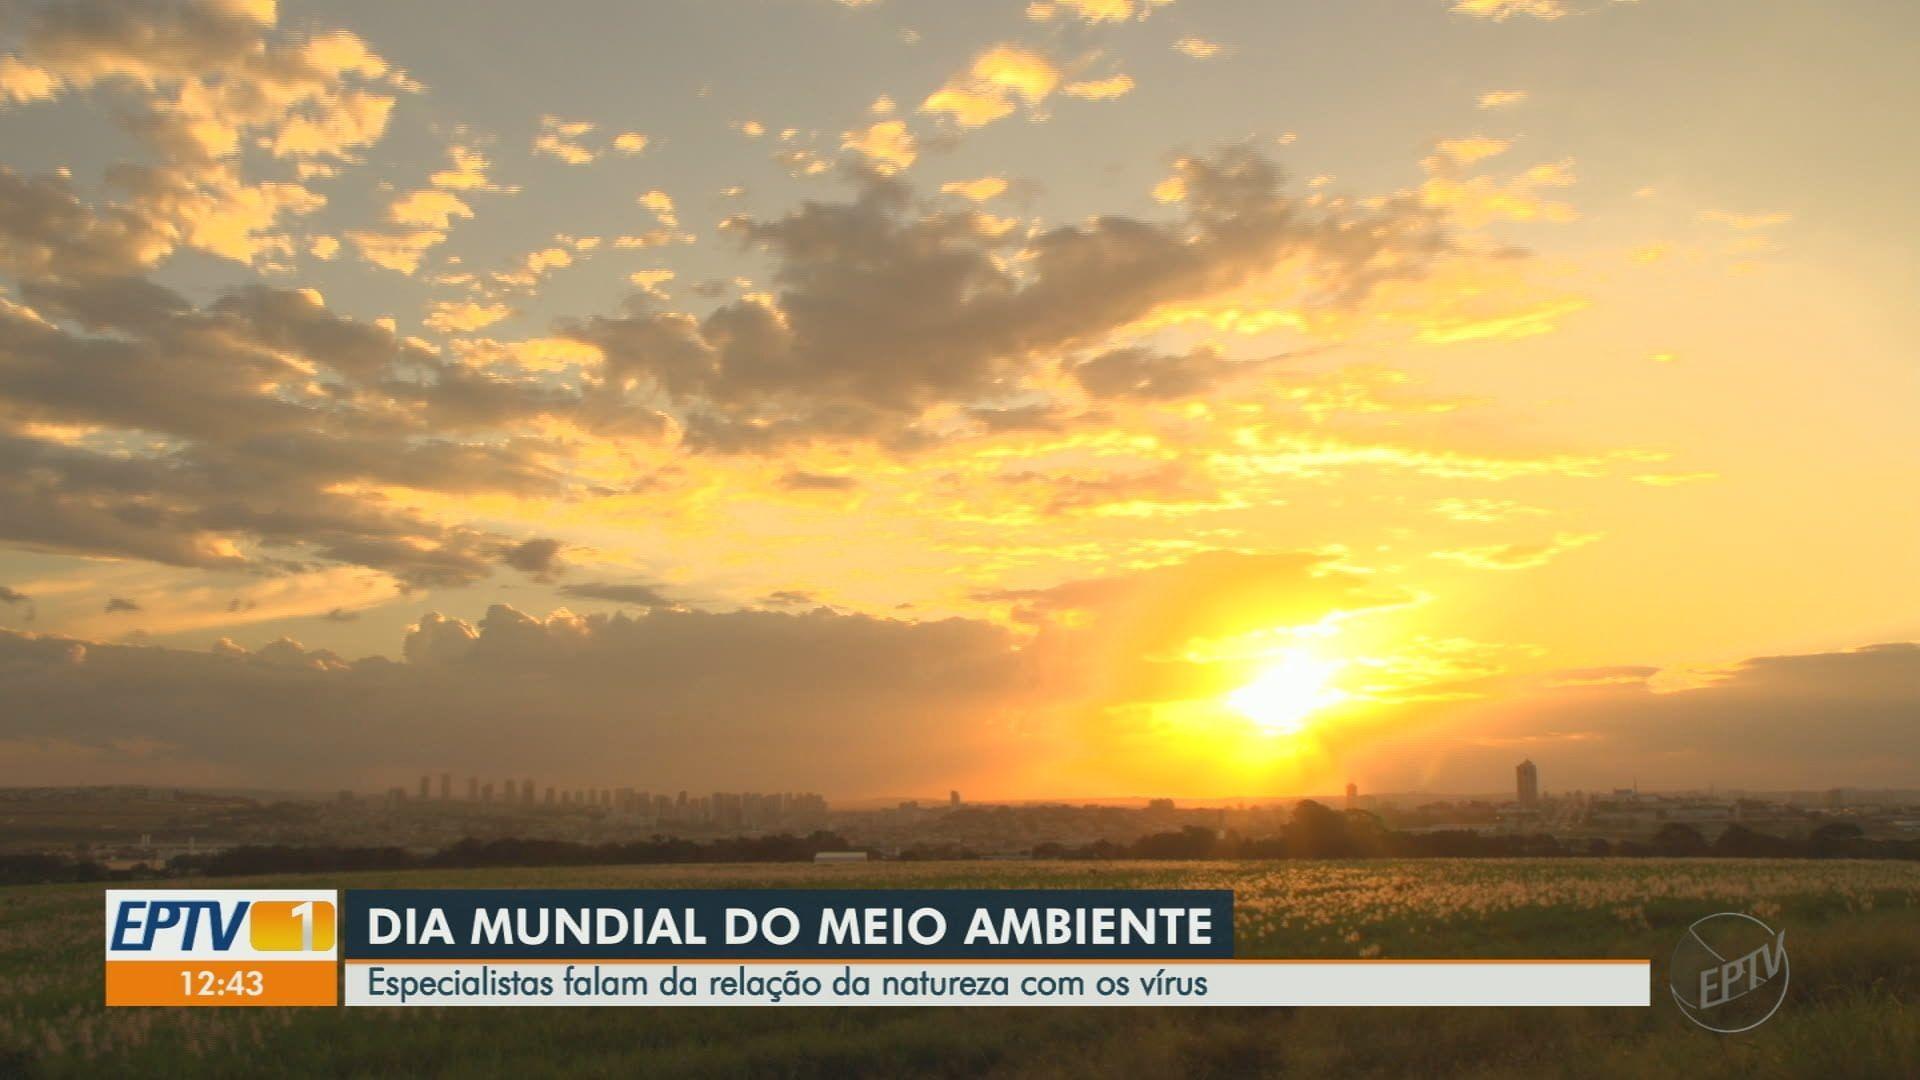 VÍDEOS: EPTV1 Ribeirão Preto de sexta-feira, 5 de junho de 2020